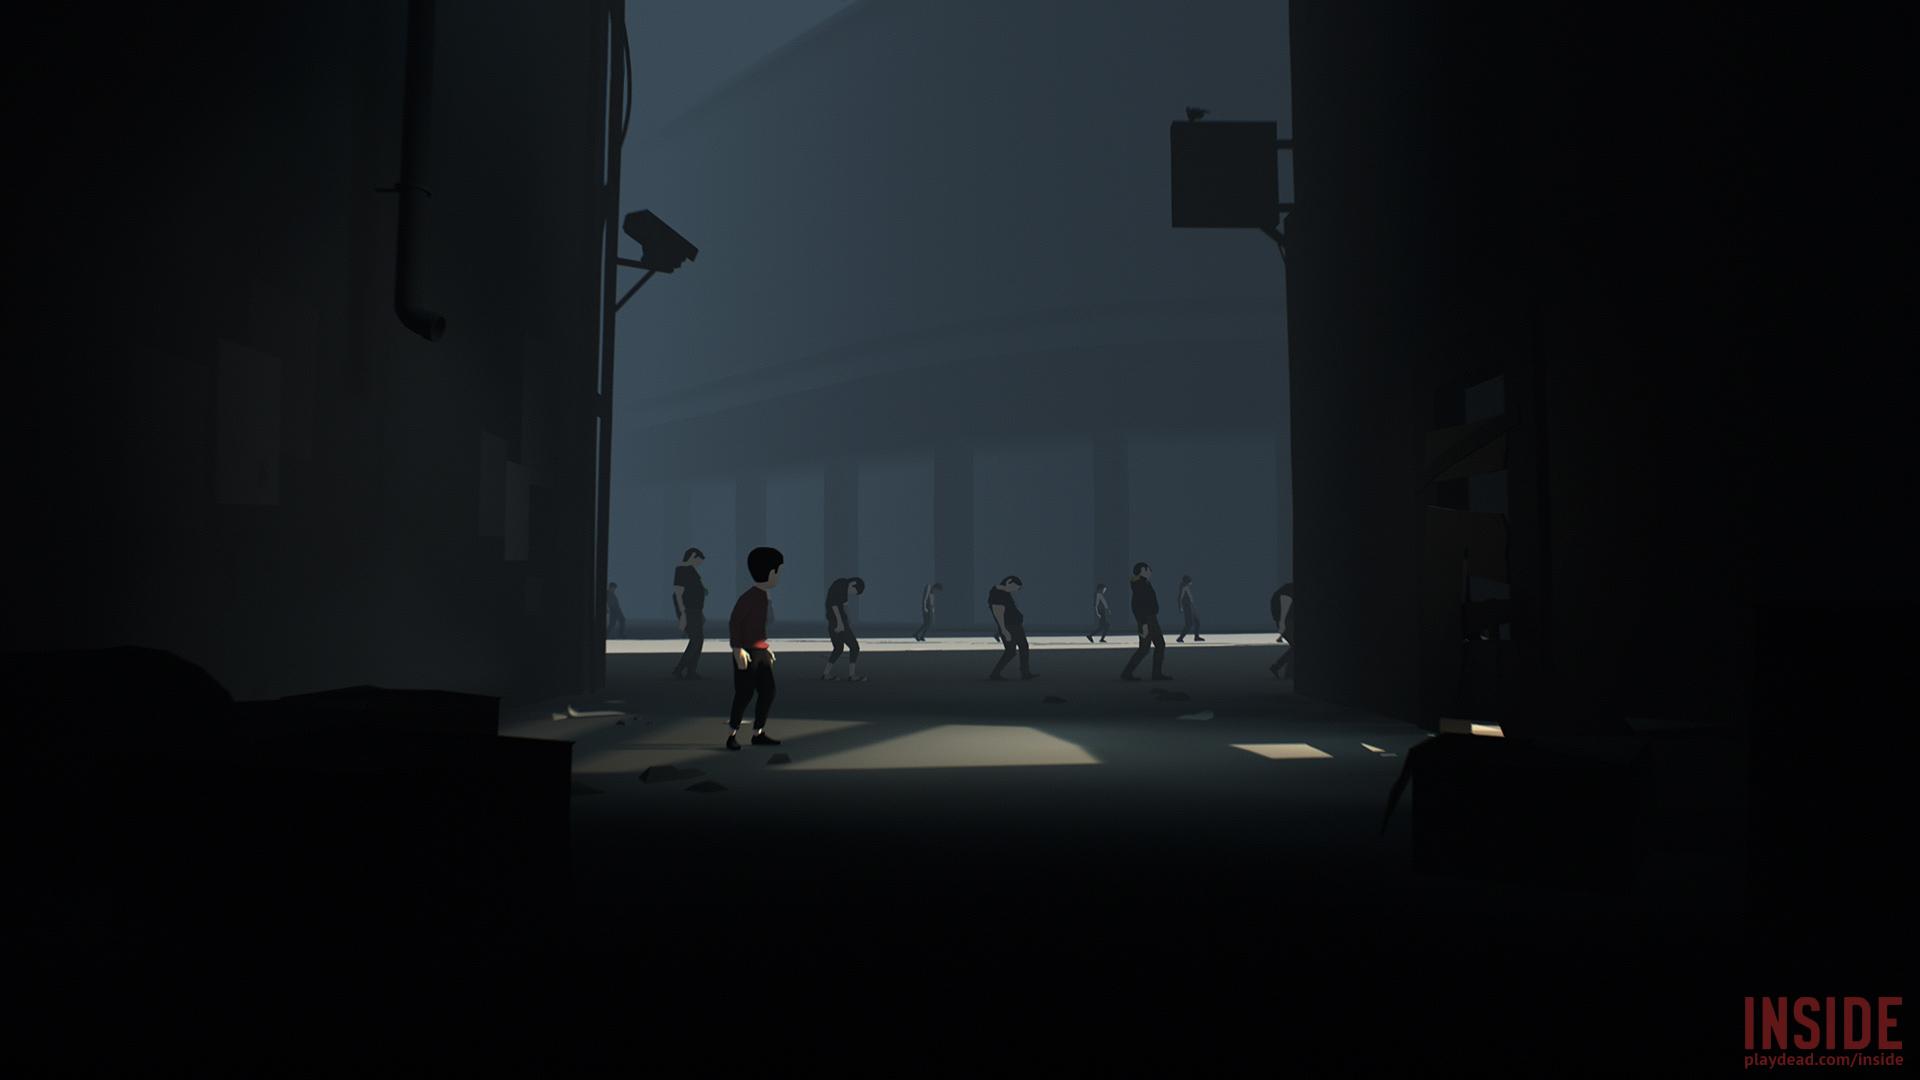 inside zombie people